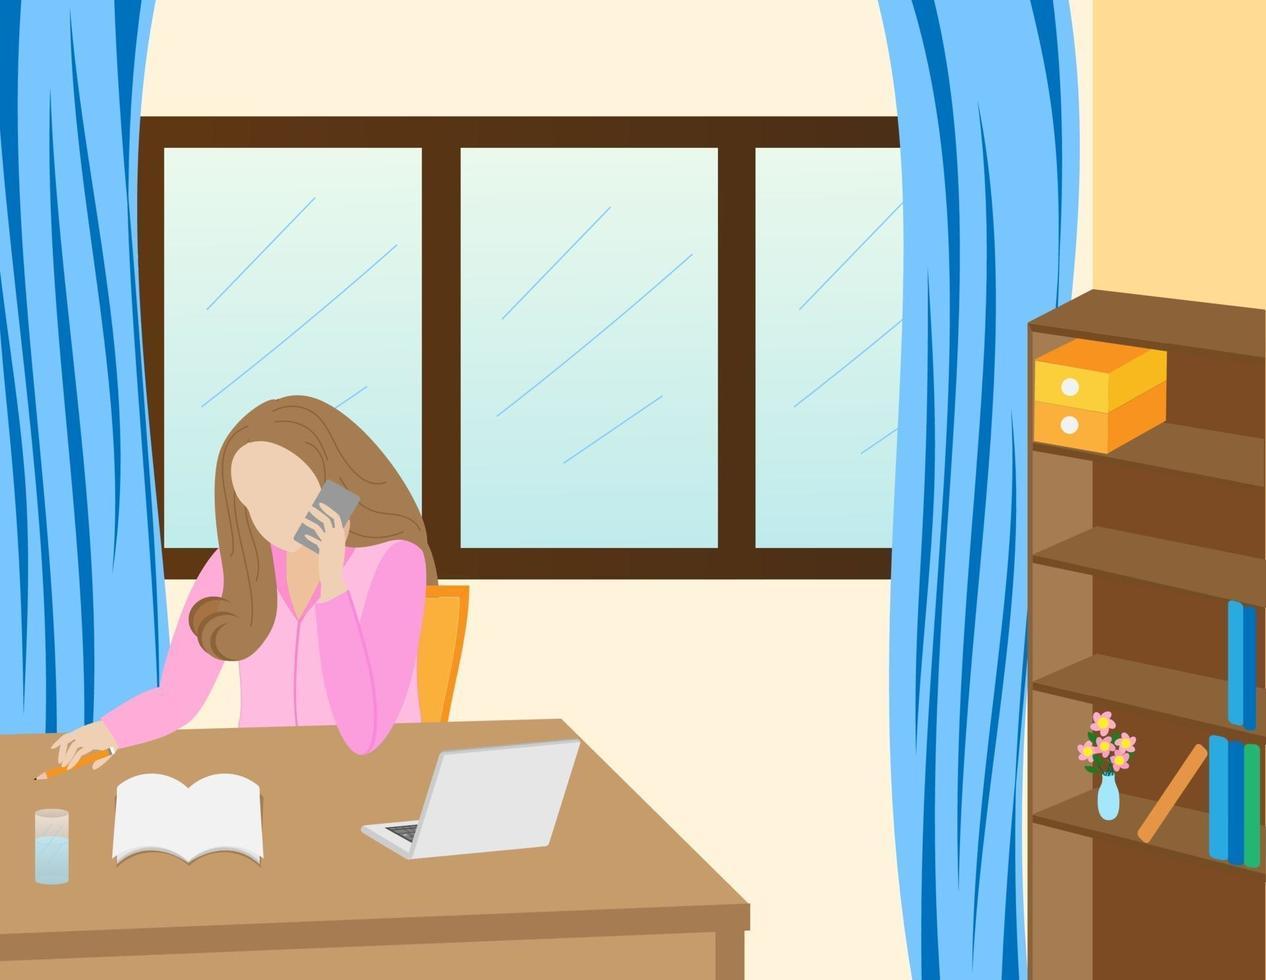 lavorare ovunque. moderna tecnologia di comunicazione online. donne che lavorano su Internet tramite laptop. essere connesso ovunque. freelance, social media. vettore